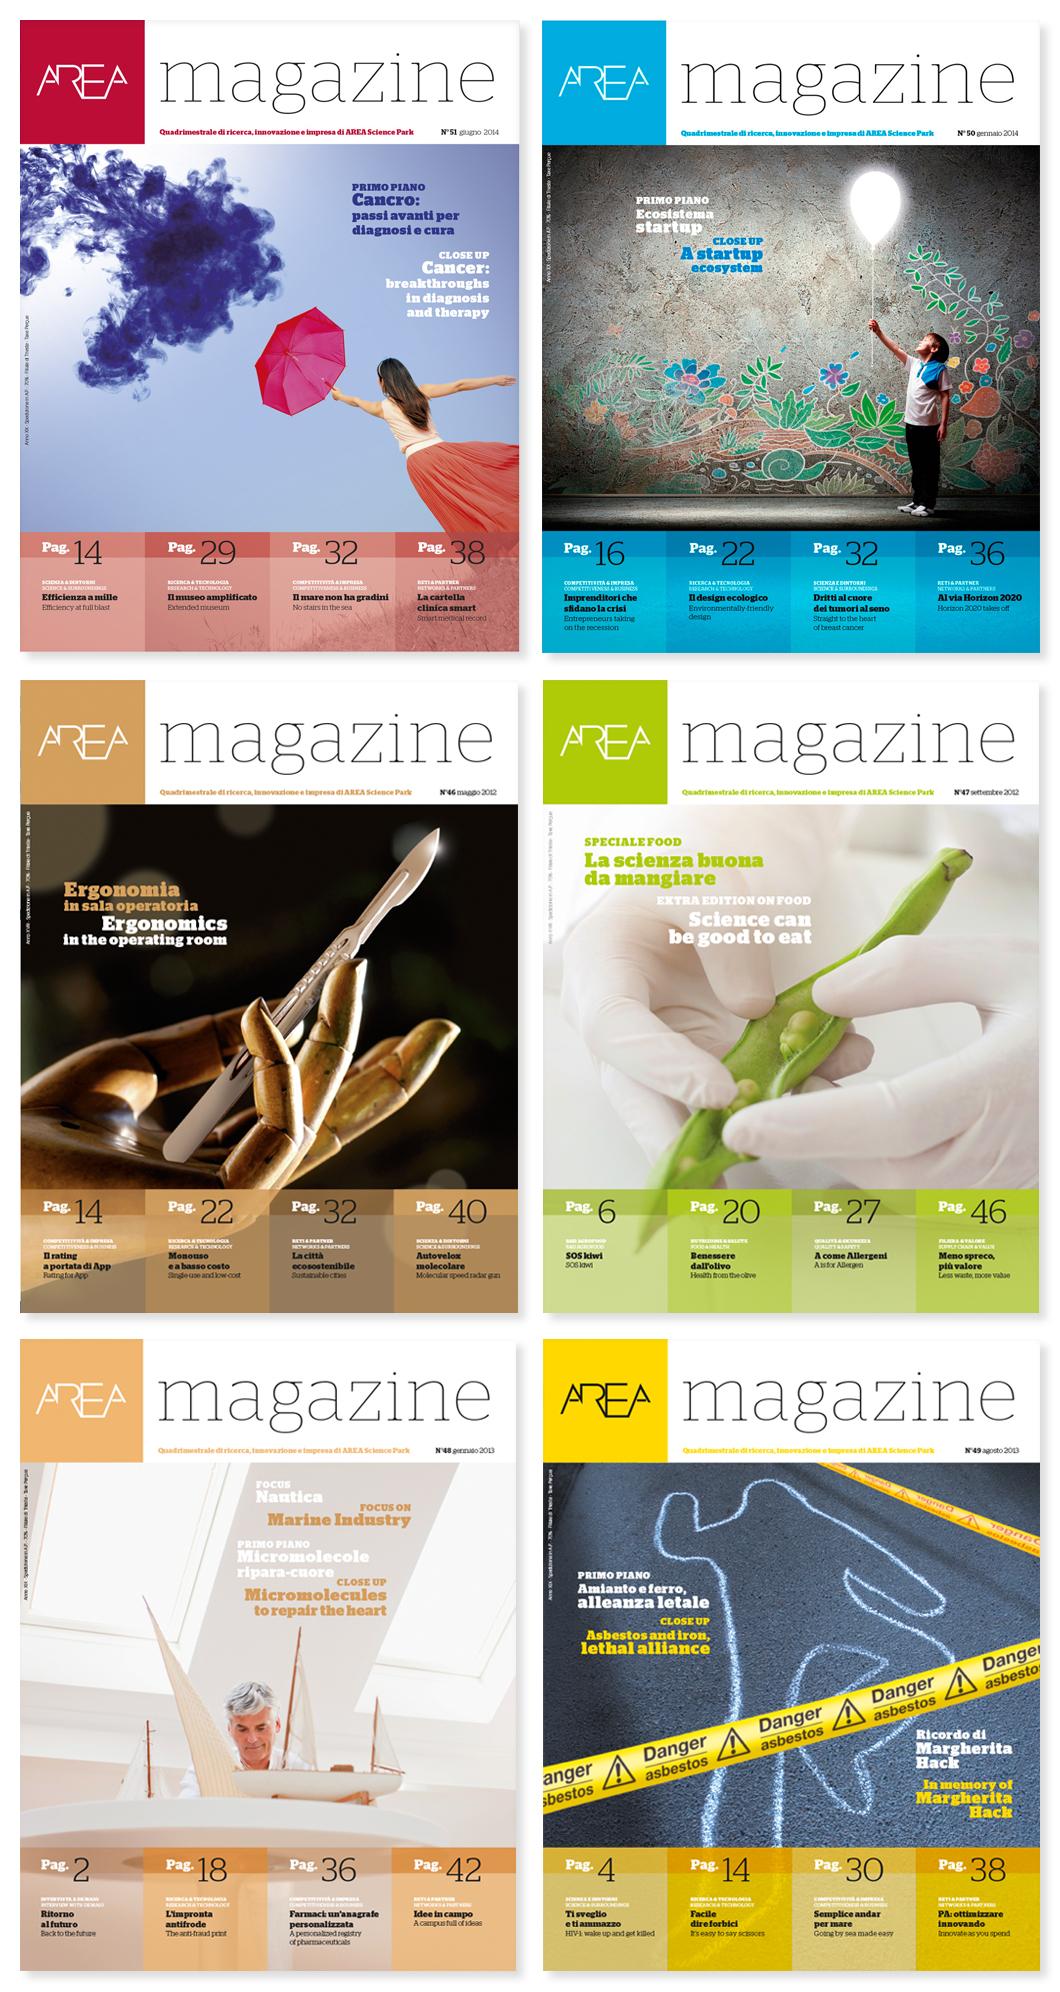 AREA Science Park Magazine